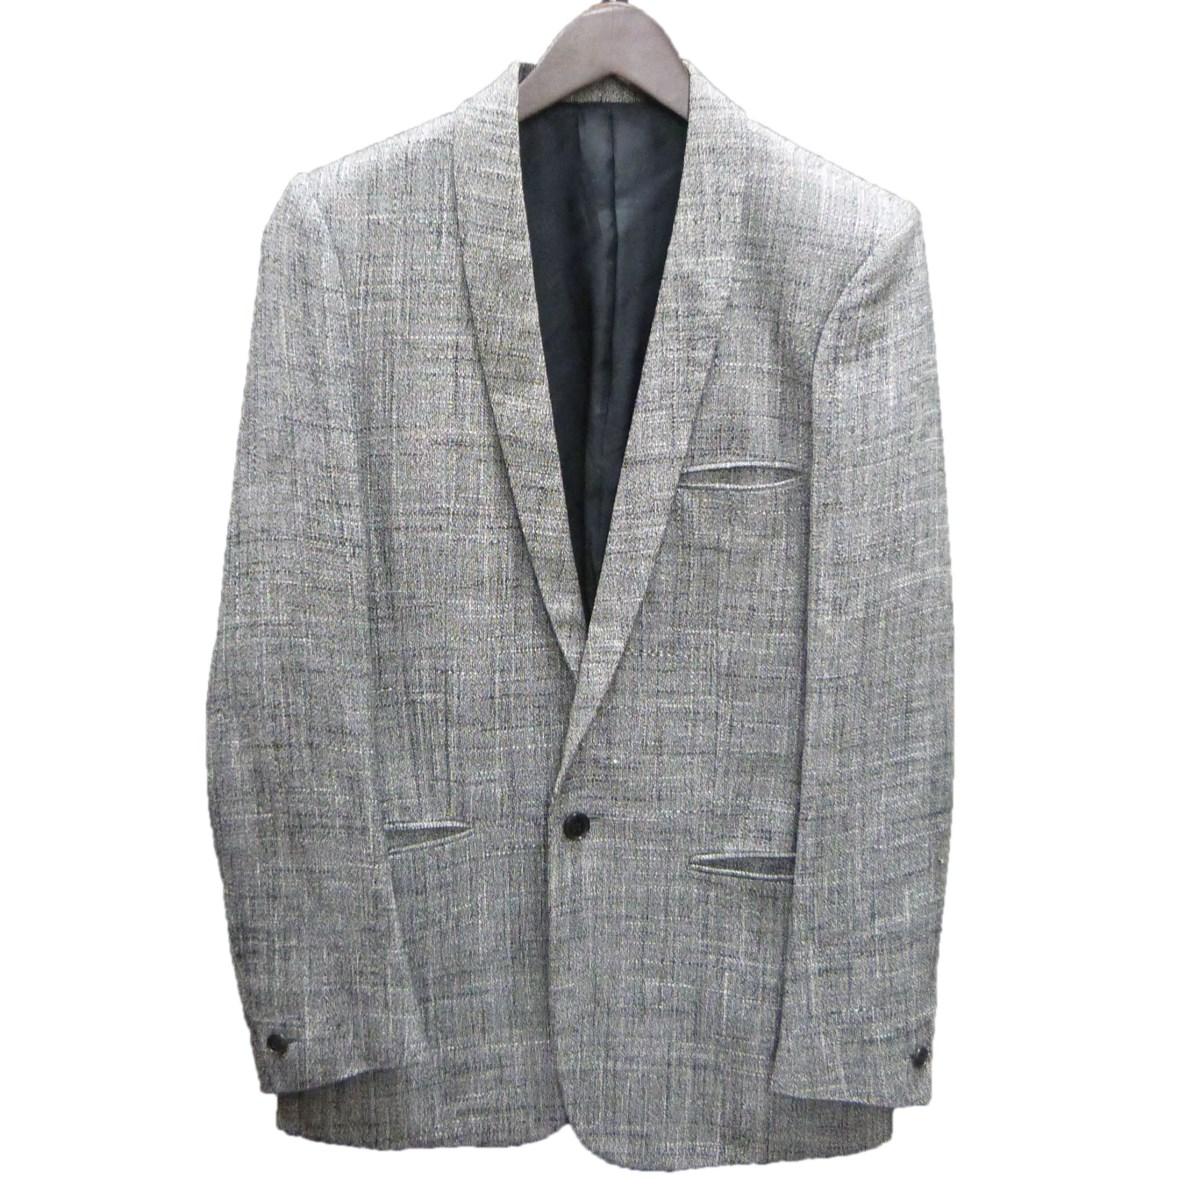 【中古】JOHN LAWRENCE SULLIVAN ショールカラージャケット グレー サイズ:36 【170120】(ジョンローレンスサリバン)